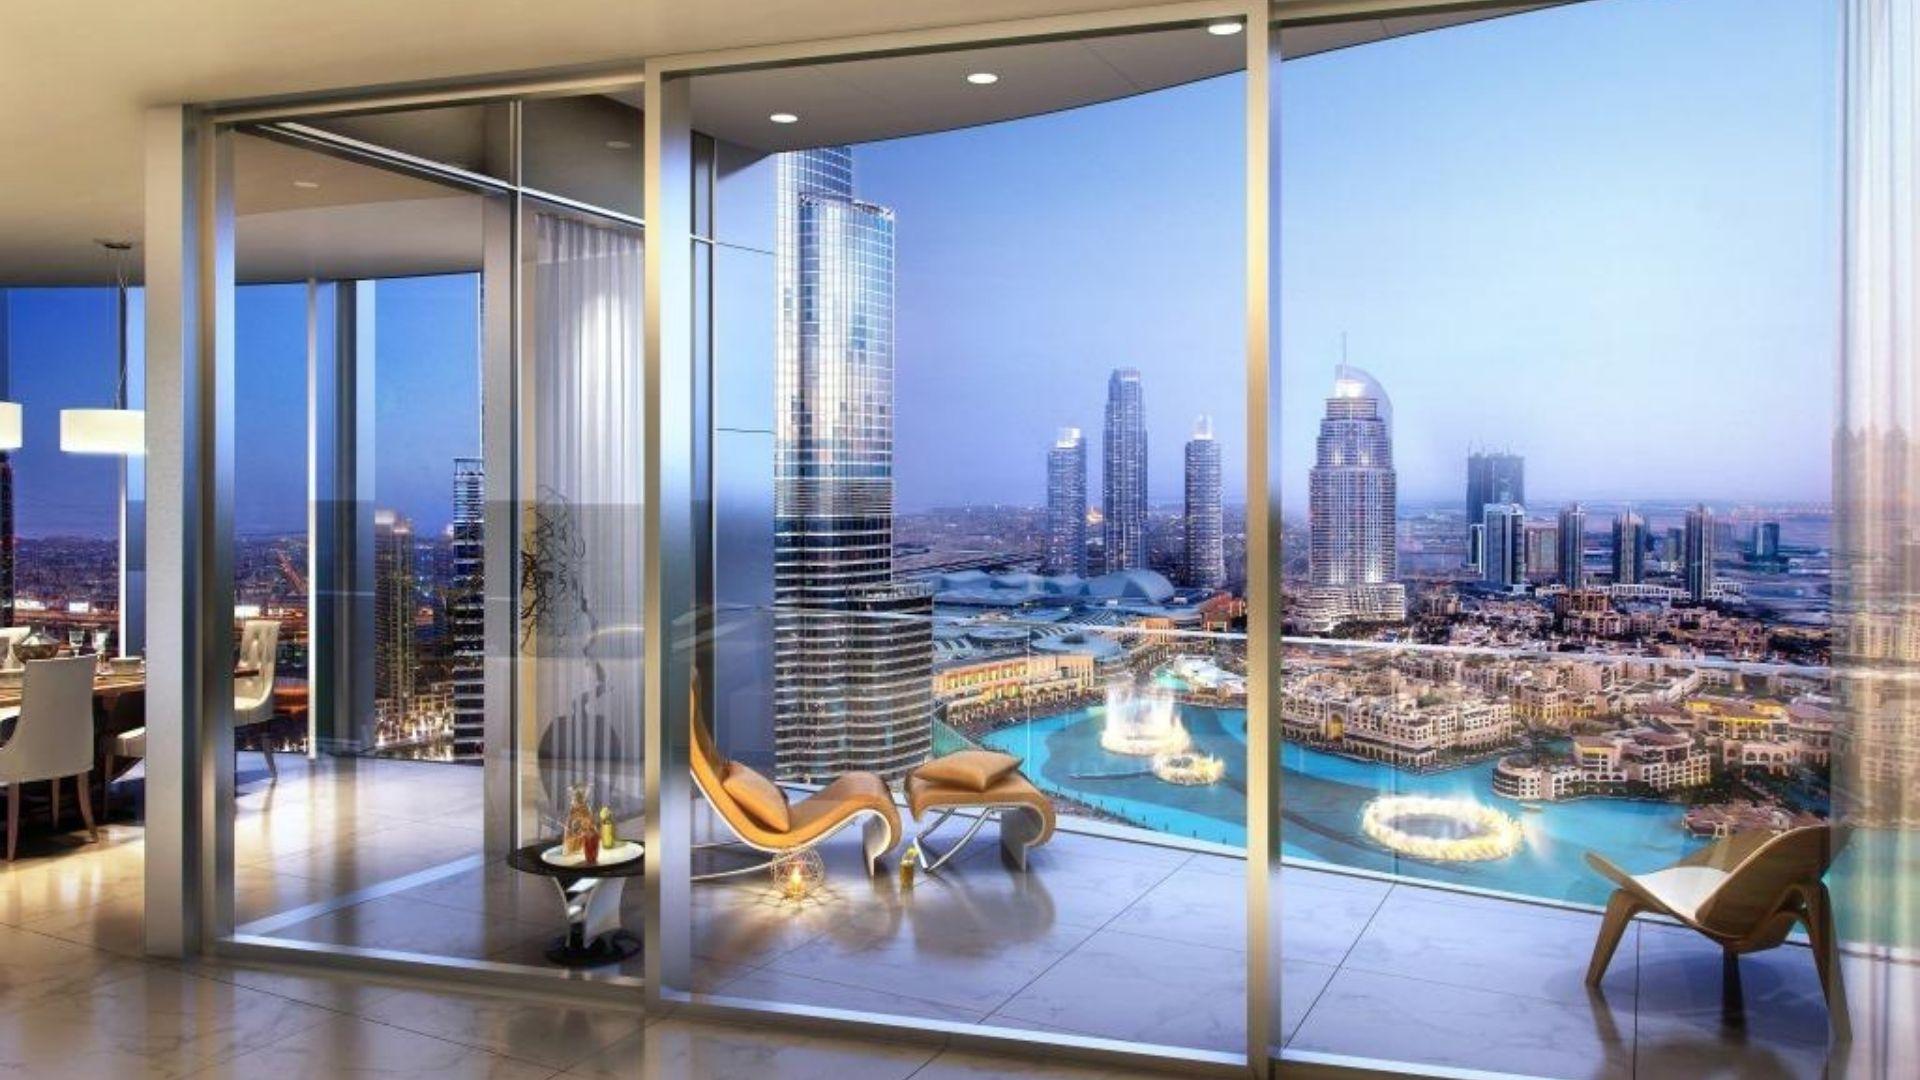 1 - Живите как члены королевской семьи в этих удивительных роскошных домах в Дубае